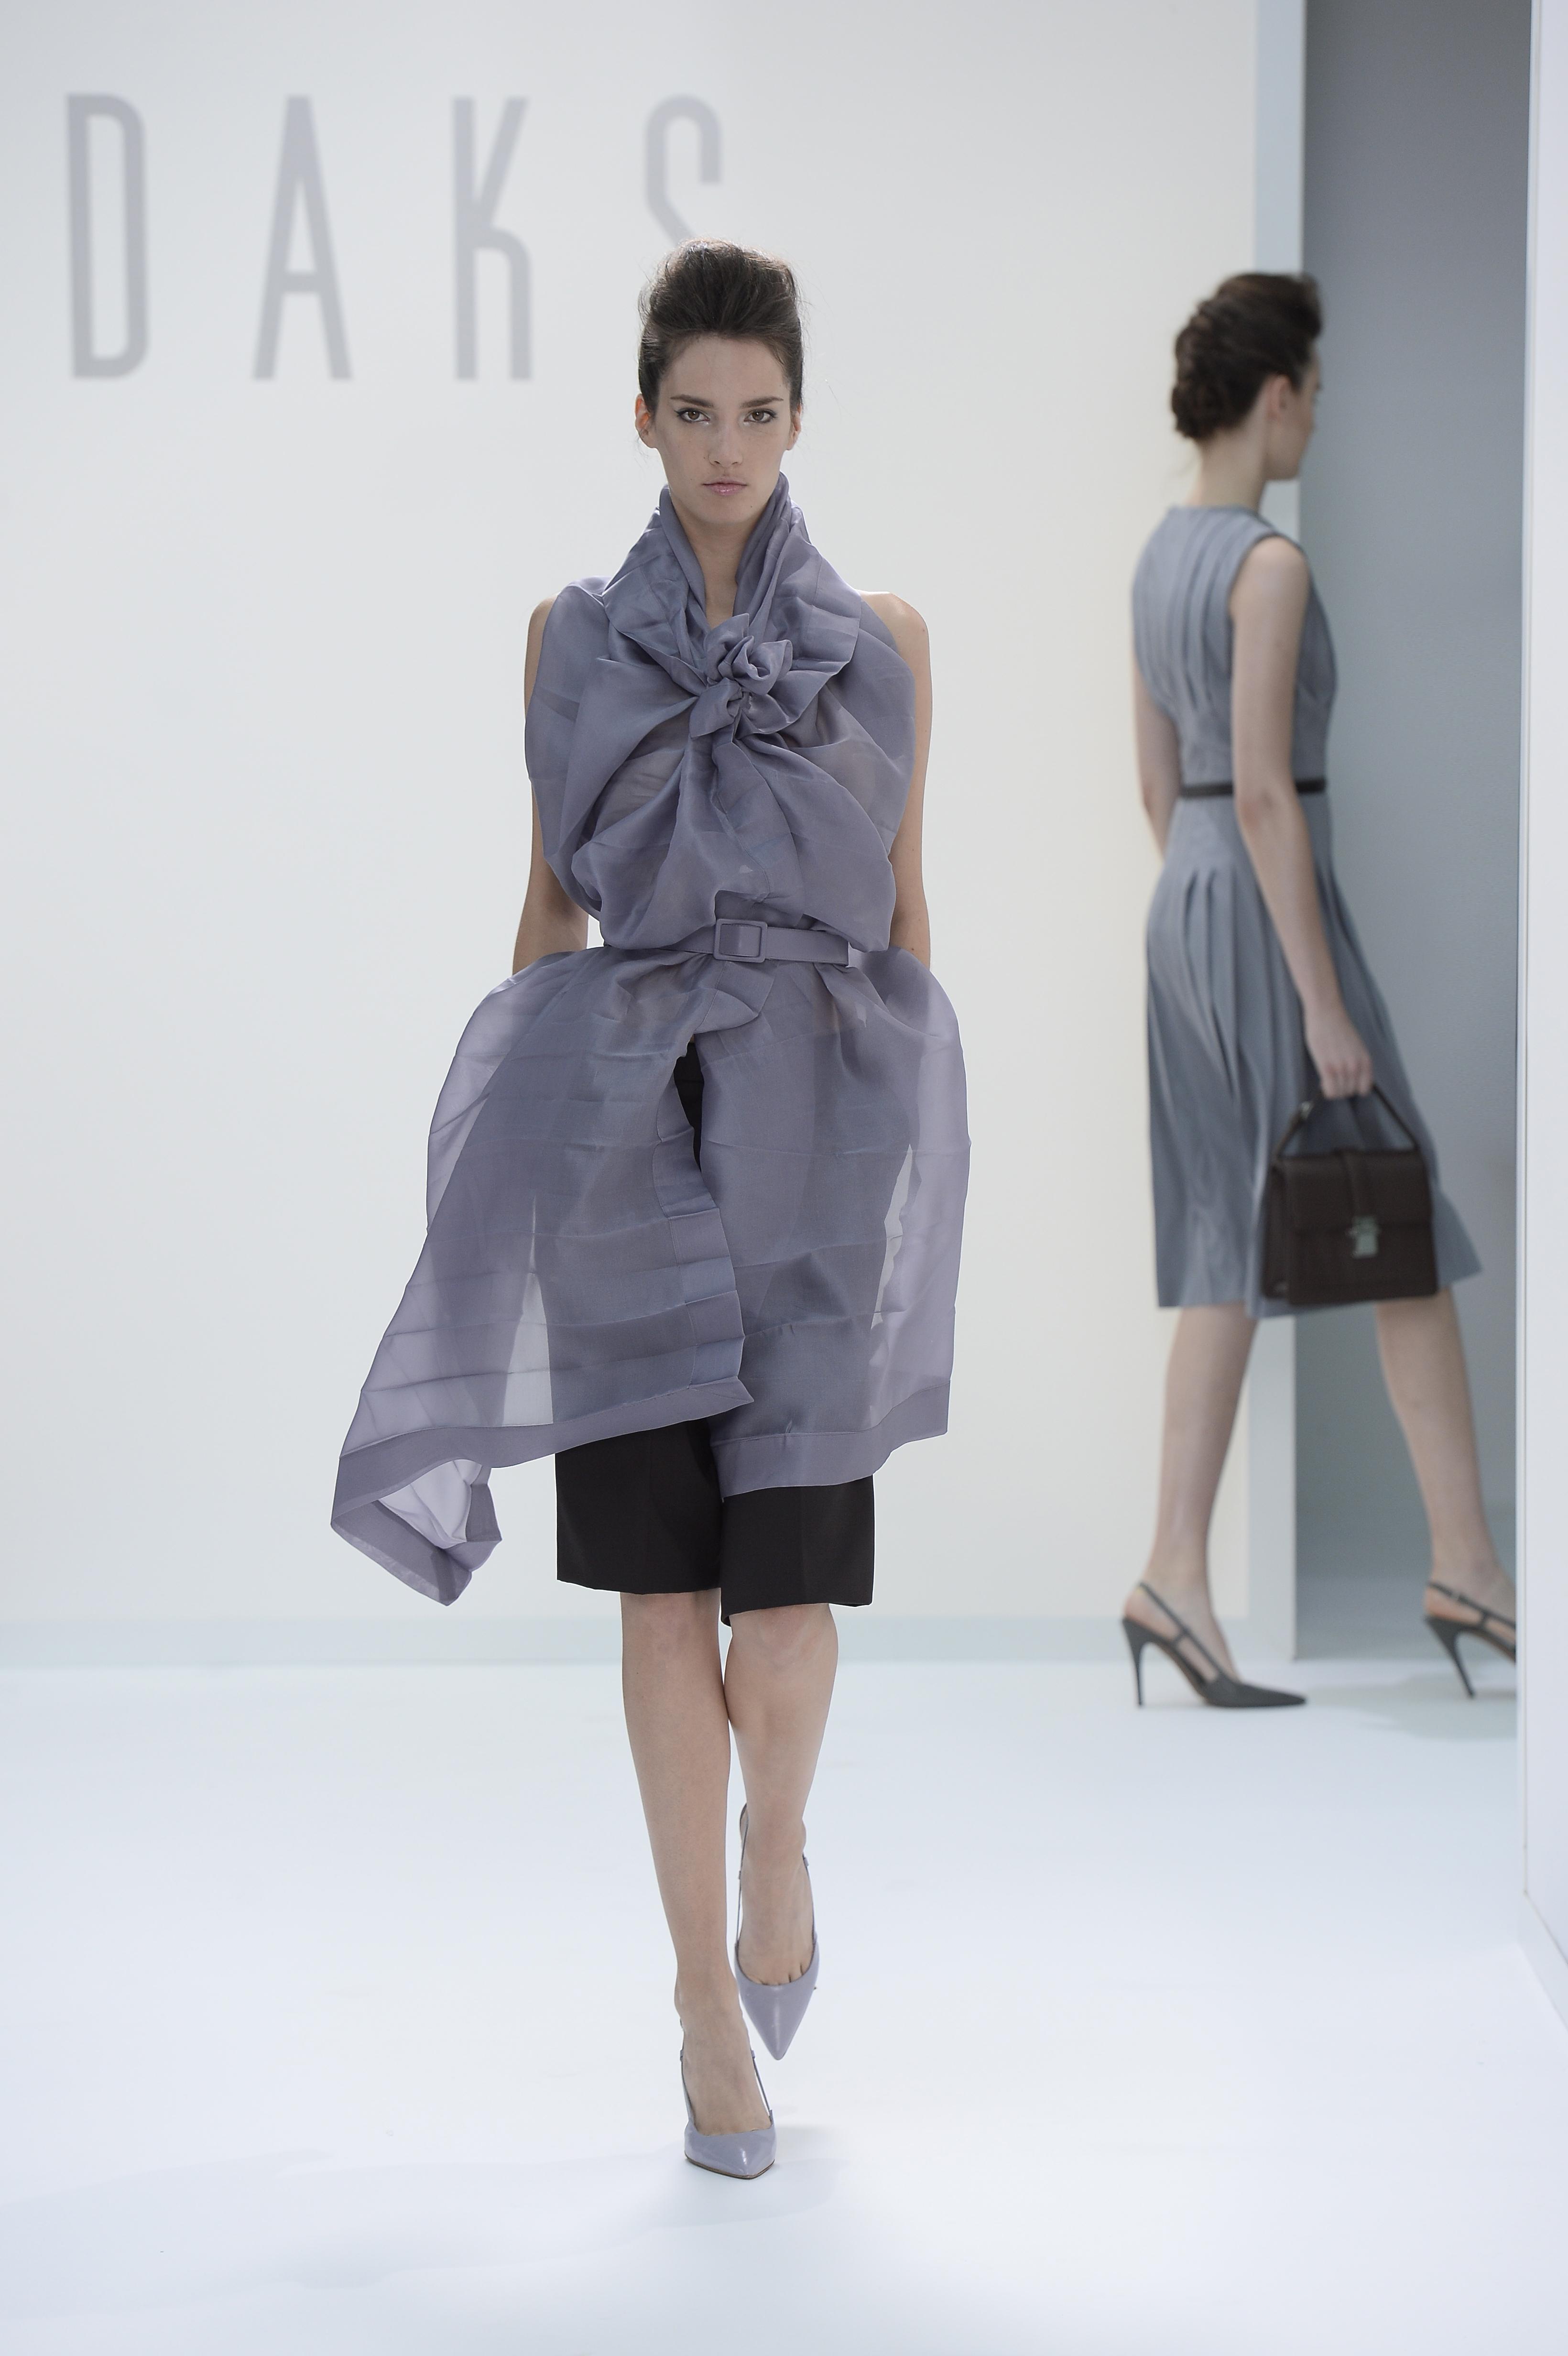 daks-mode-collection-printemps-ete-2015-fashion-week